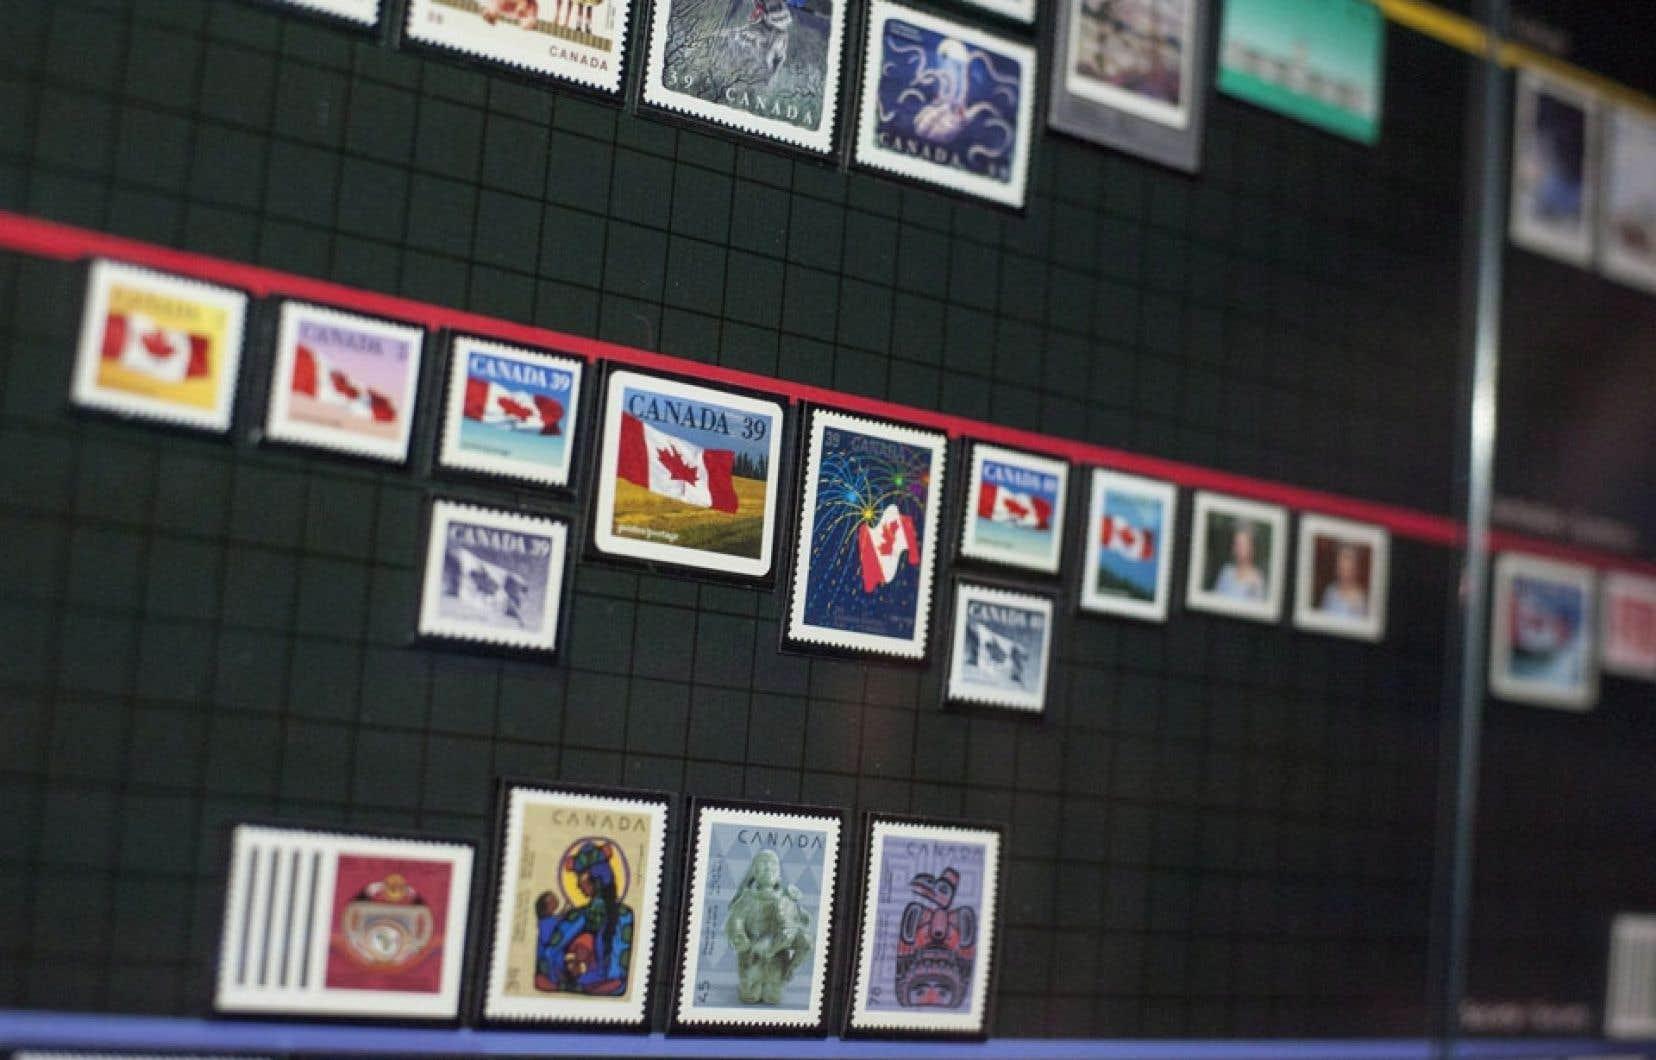 Une série de timbres canadiens de 1851 à nos jours exposés depuis le 27 mars au Musée canadien d'histoire à Gatineau.